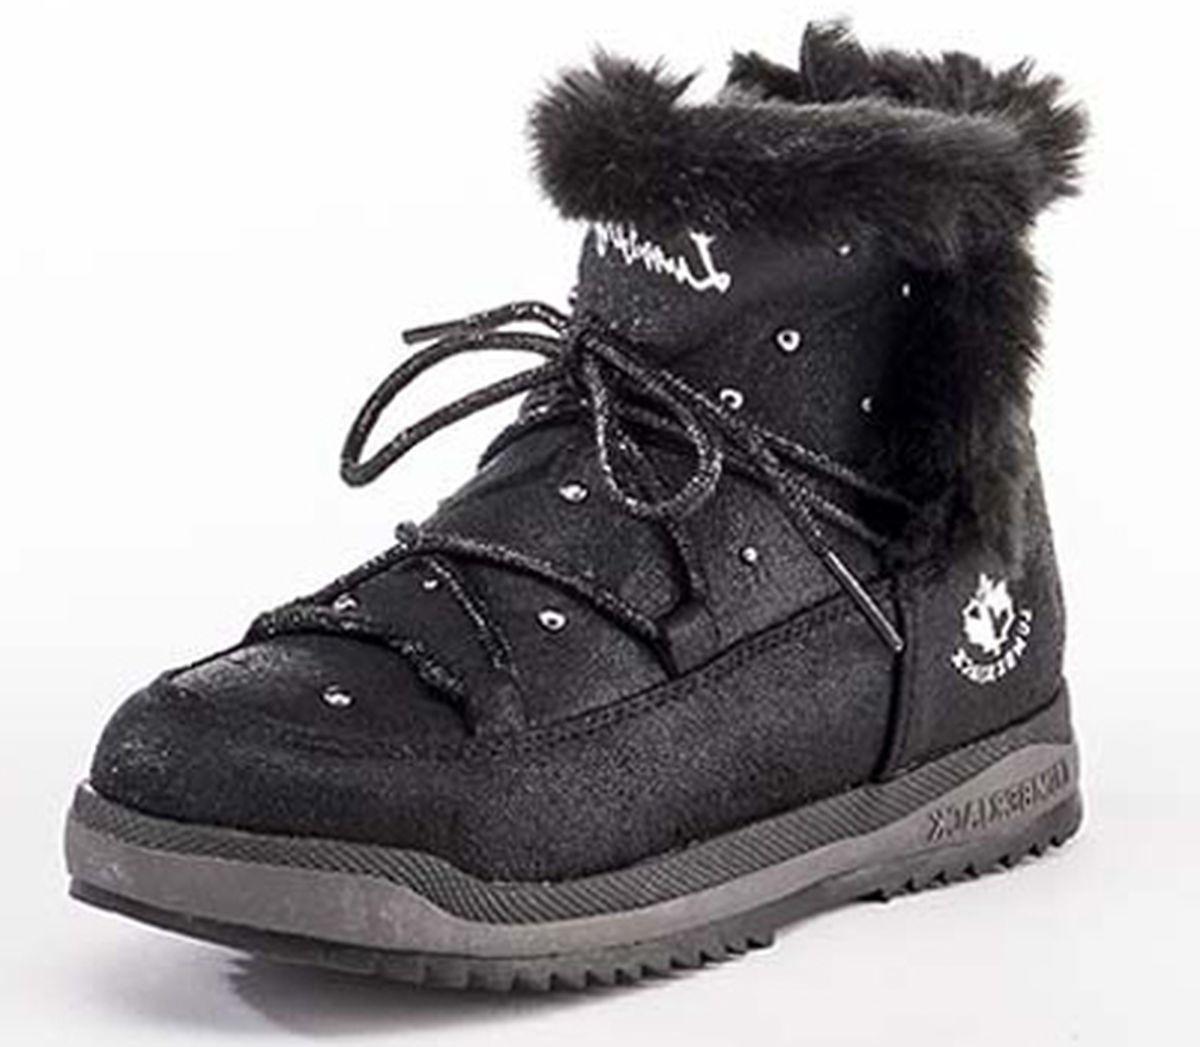 Ботинки для девочки Lumberjack Lagoon, цвет: черный. SG33101-003_Black. Размер 31SG33101-003_BlackСтильные, комфортные и теплые ботинки с мехом Lagoon для девочки отлично подойдут для прогулок на свежем воздухе. Теплая, практичная и удобная модель выполнена в лучших традициях итальянского бренда Lumberjack из материалов высочайшего качества. Ботинки очень красиво смотрятся на ноге, подходят как к юбкам, так и к платьям. Модель выполнена из ламинированной замши. Ботинки обязательно понравятся вашей юной моднице и займут достойное место в ее гардеробе. Материал: 100% ламинированная замша